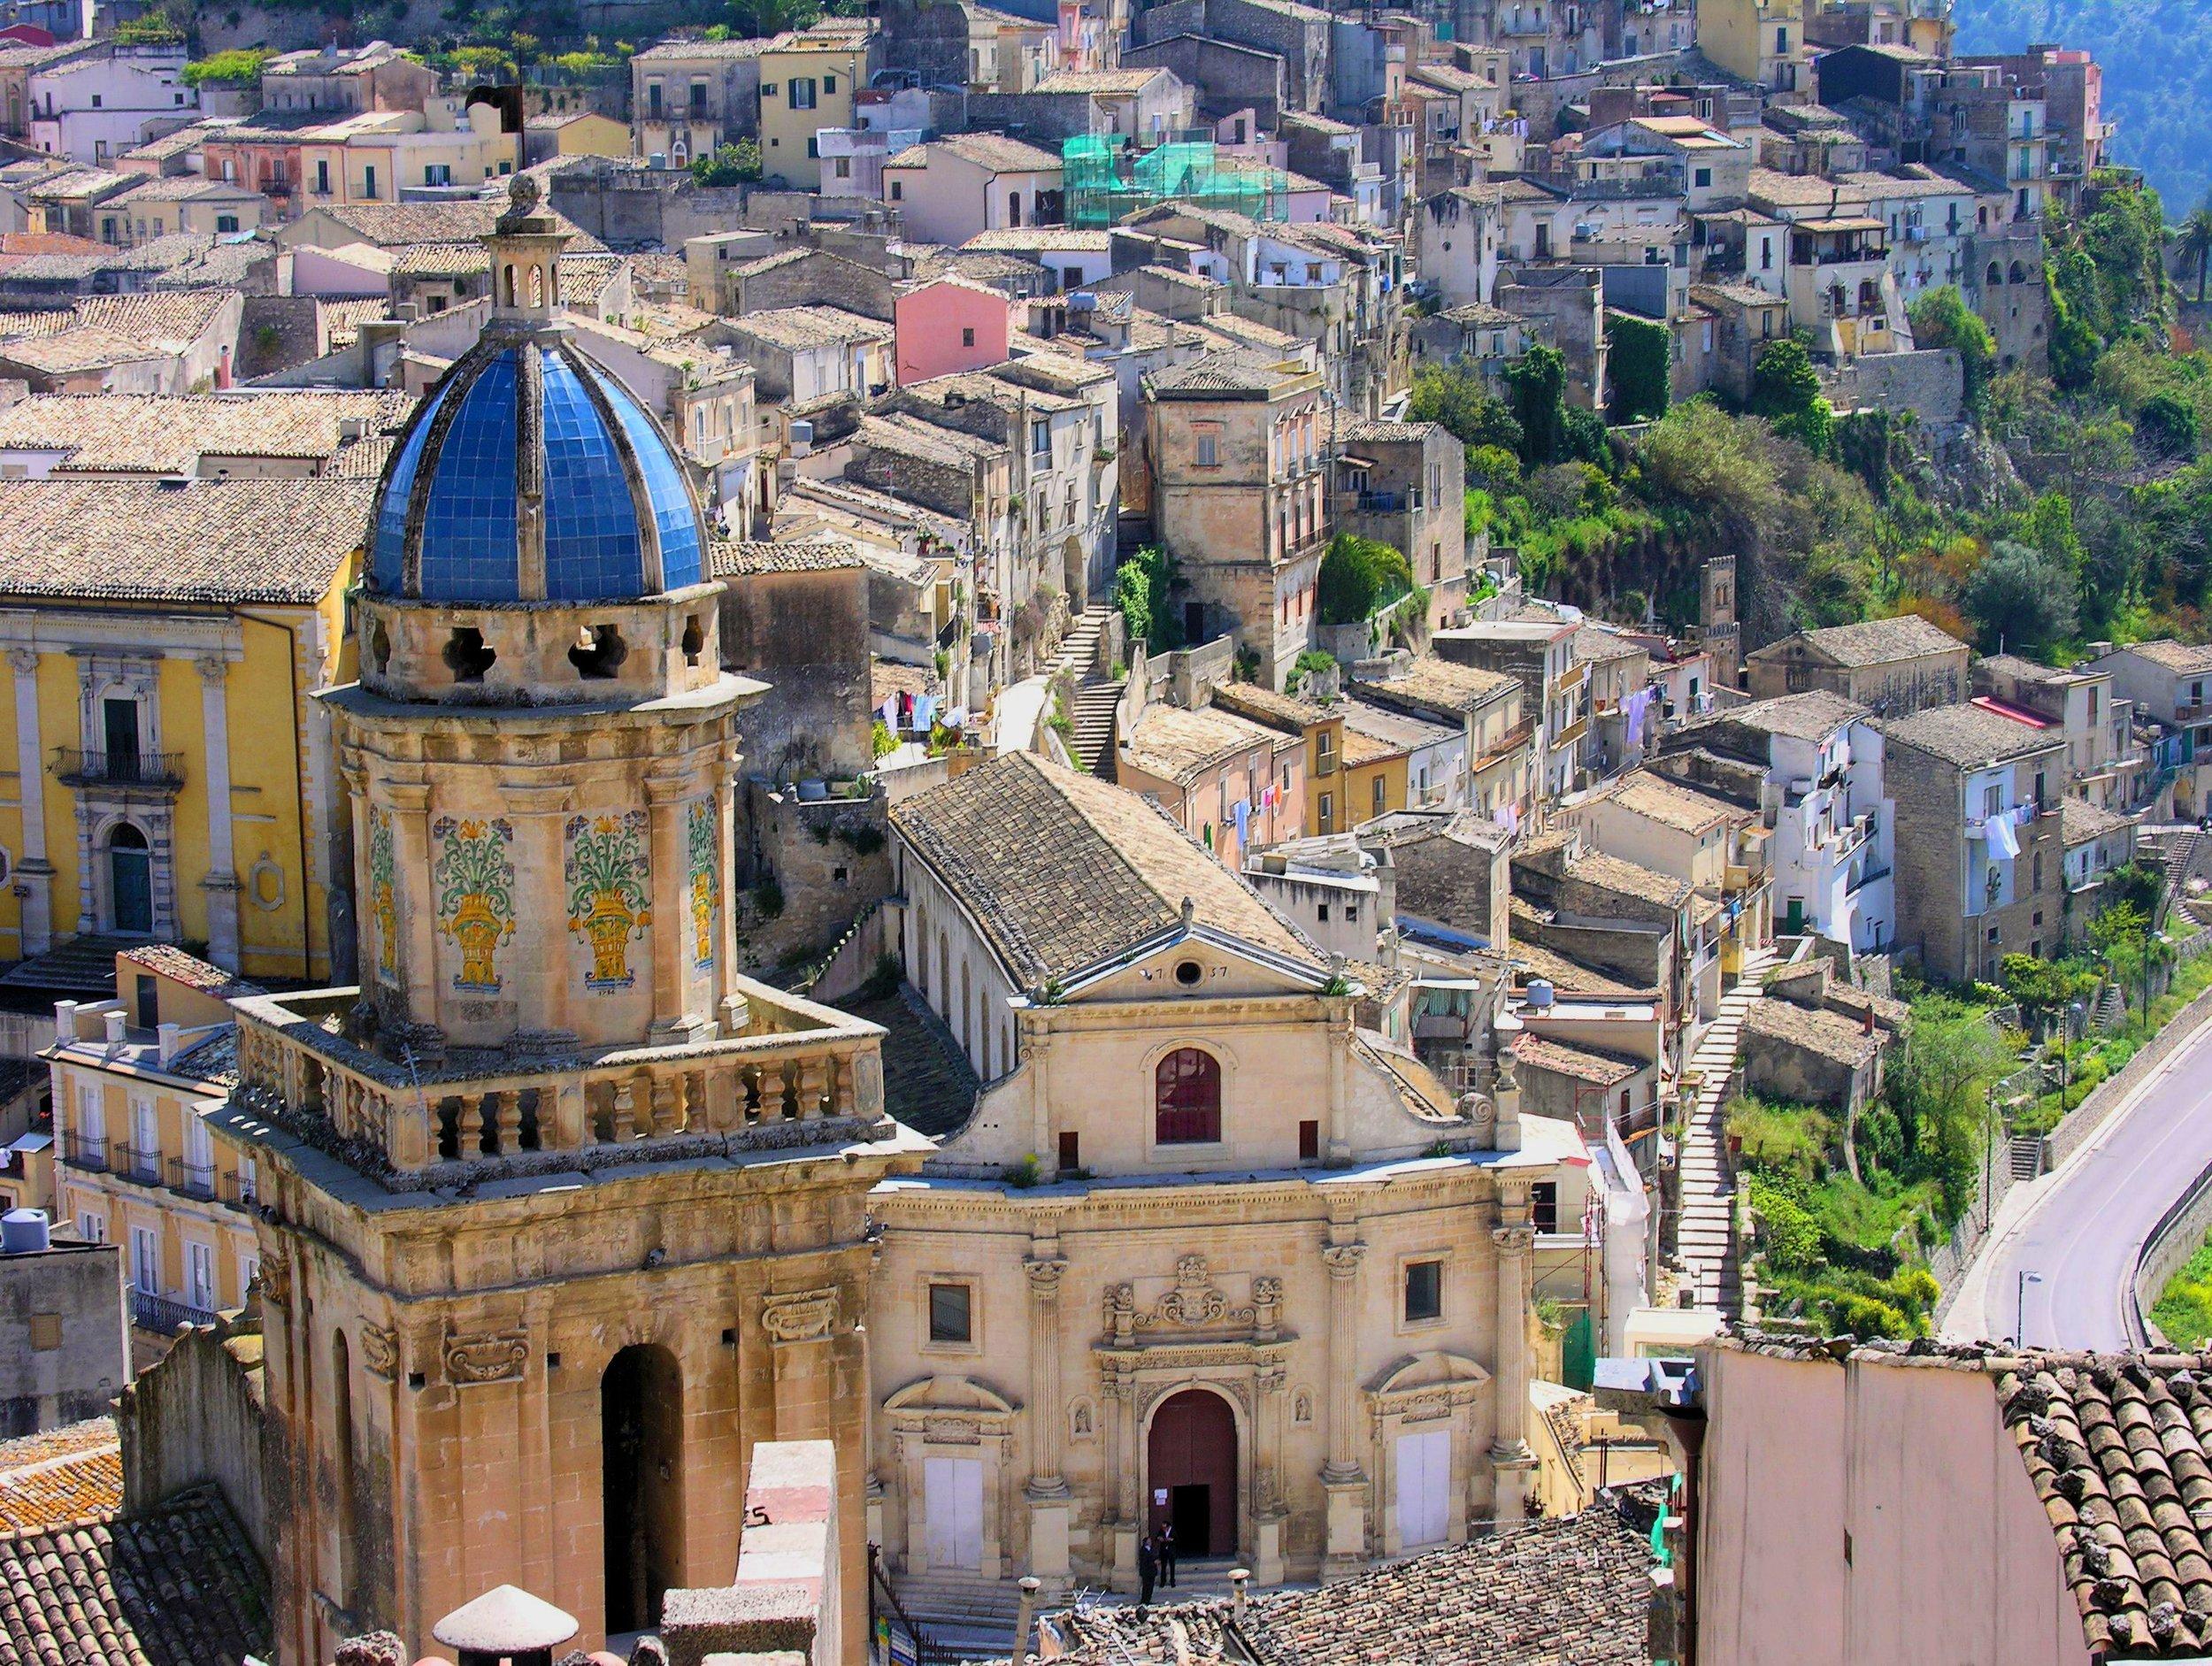 The city of Vittoria, Sicily.